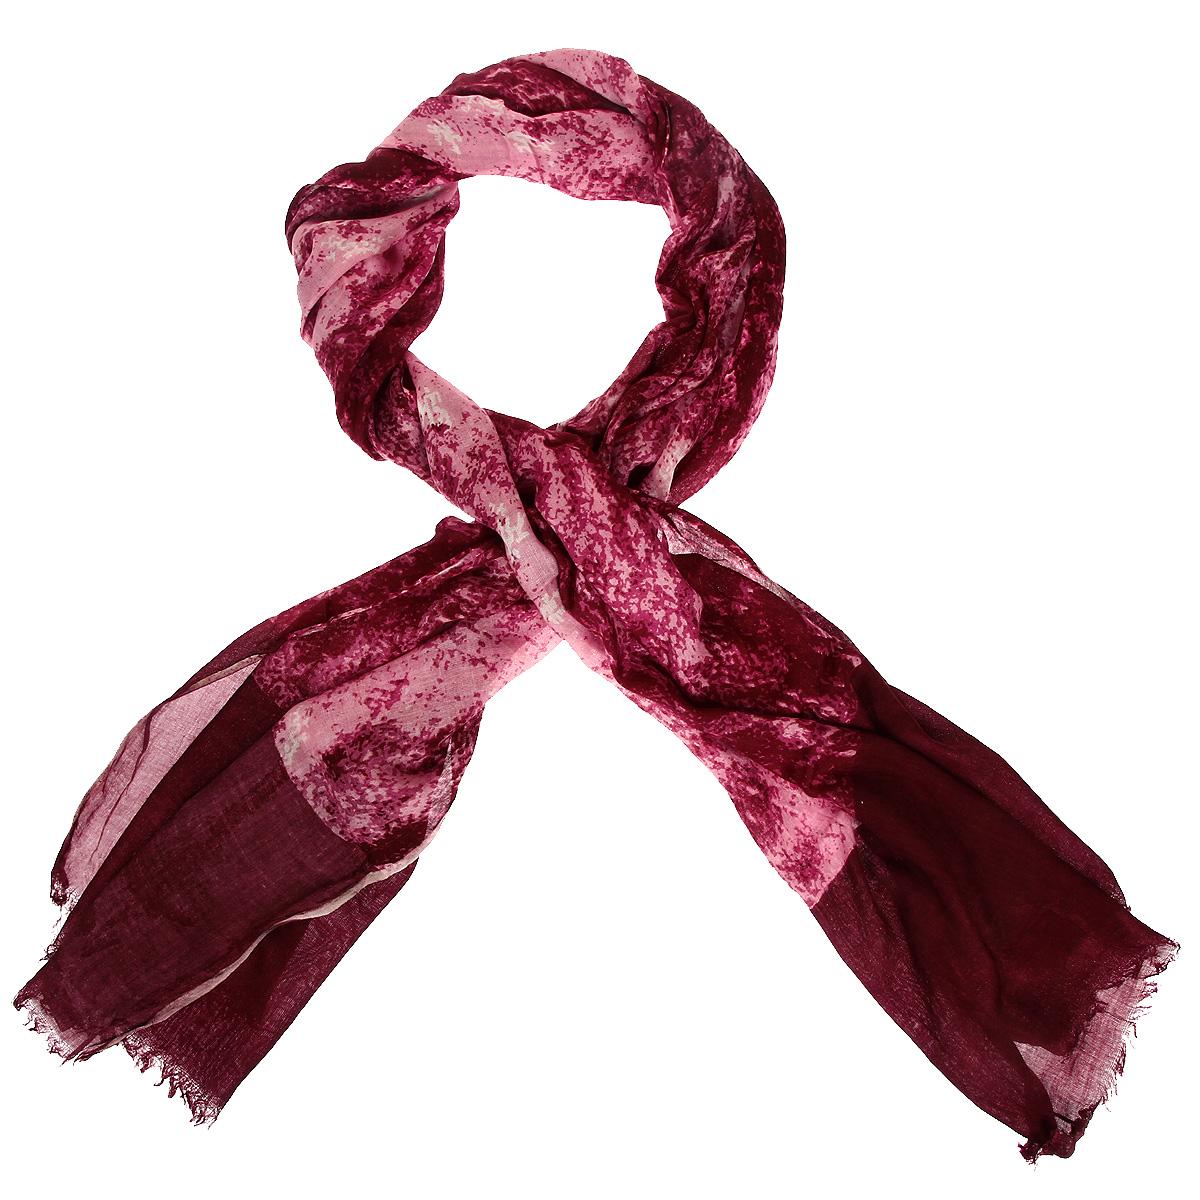 Шарф372085нЭлегантный шарф станет изысканным, нарядным аксессуаром, который призван подчеркнуть индивидуальность и очарование женщины. Края оформлены бахромой. Этот модный аксессуар женского гардероба гармонично дополнит образ современной женщины, следящей за своим имиджем и стремящейся всегда оставаться стильной и элегантной. В модном шарфе вы всегда будете выглядеть женственной и привлекательной.